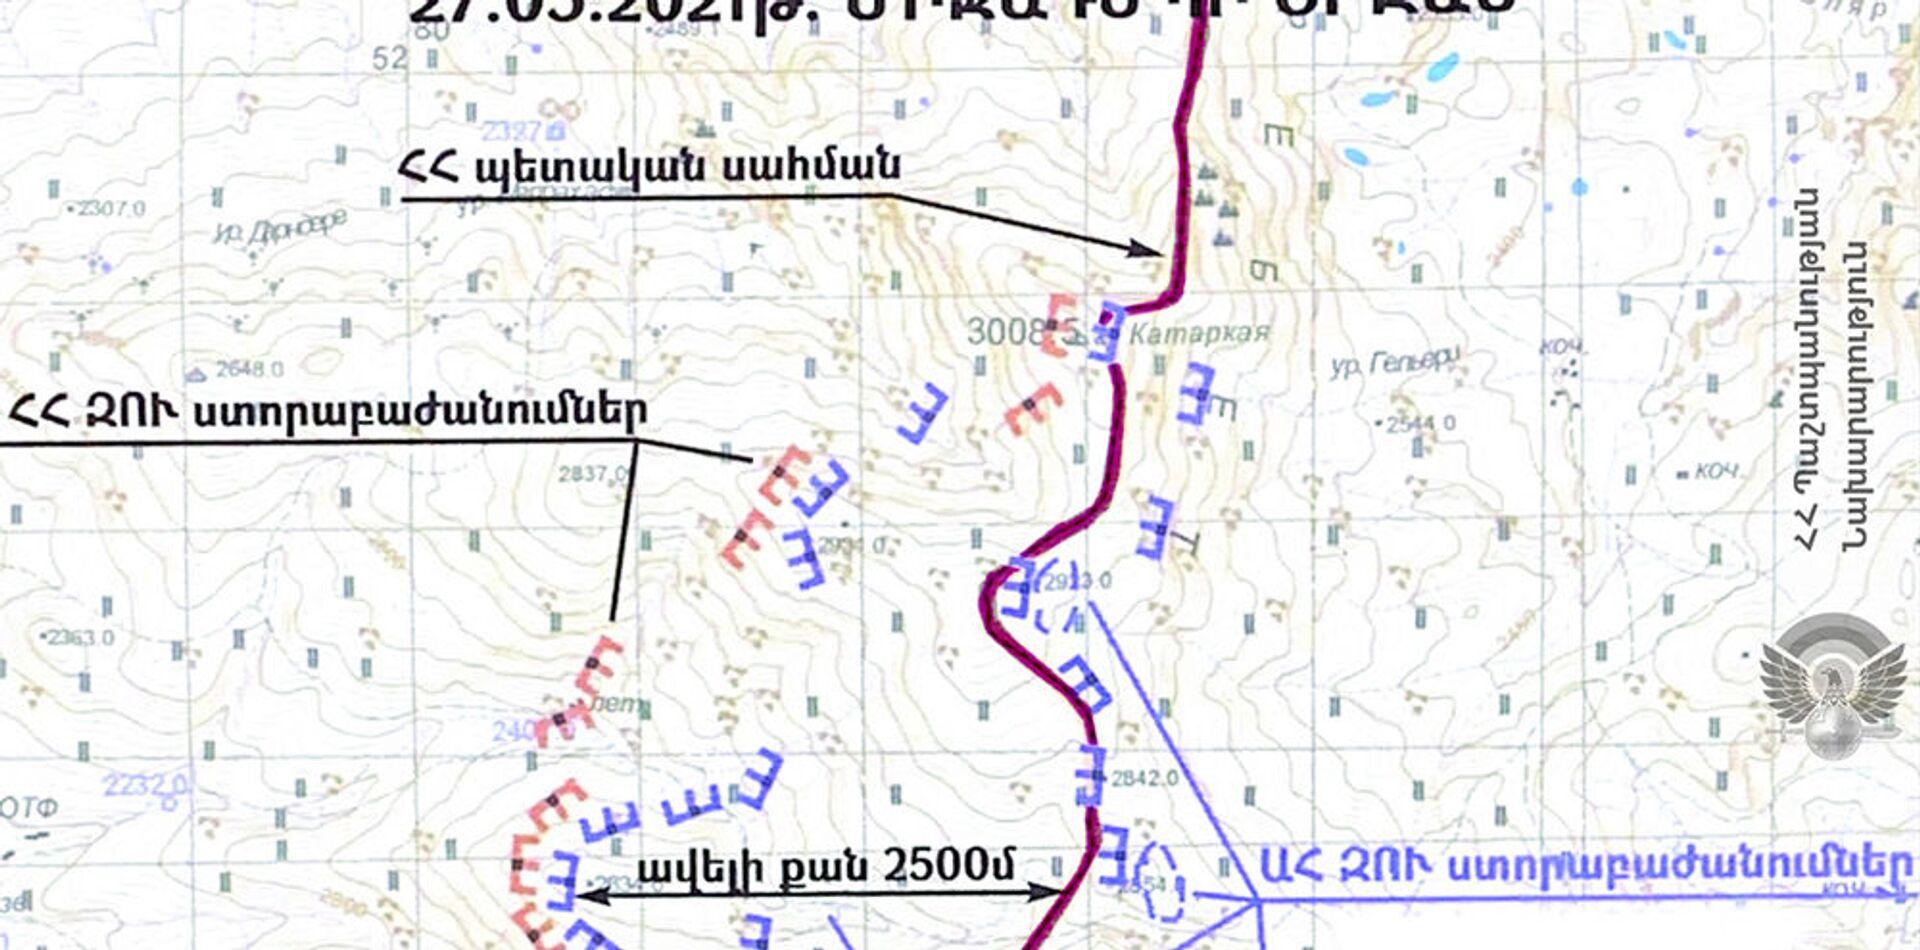 Գերեվարված հայ զինծառայողները գտնվել են ՀՀ տարածքում. ՊՆ-ն քարտեզ է ներկայացրել - Sputnik Արմենիա, 1920, 27.05.2021